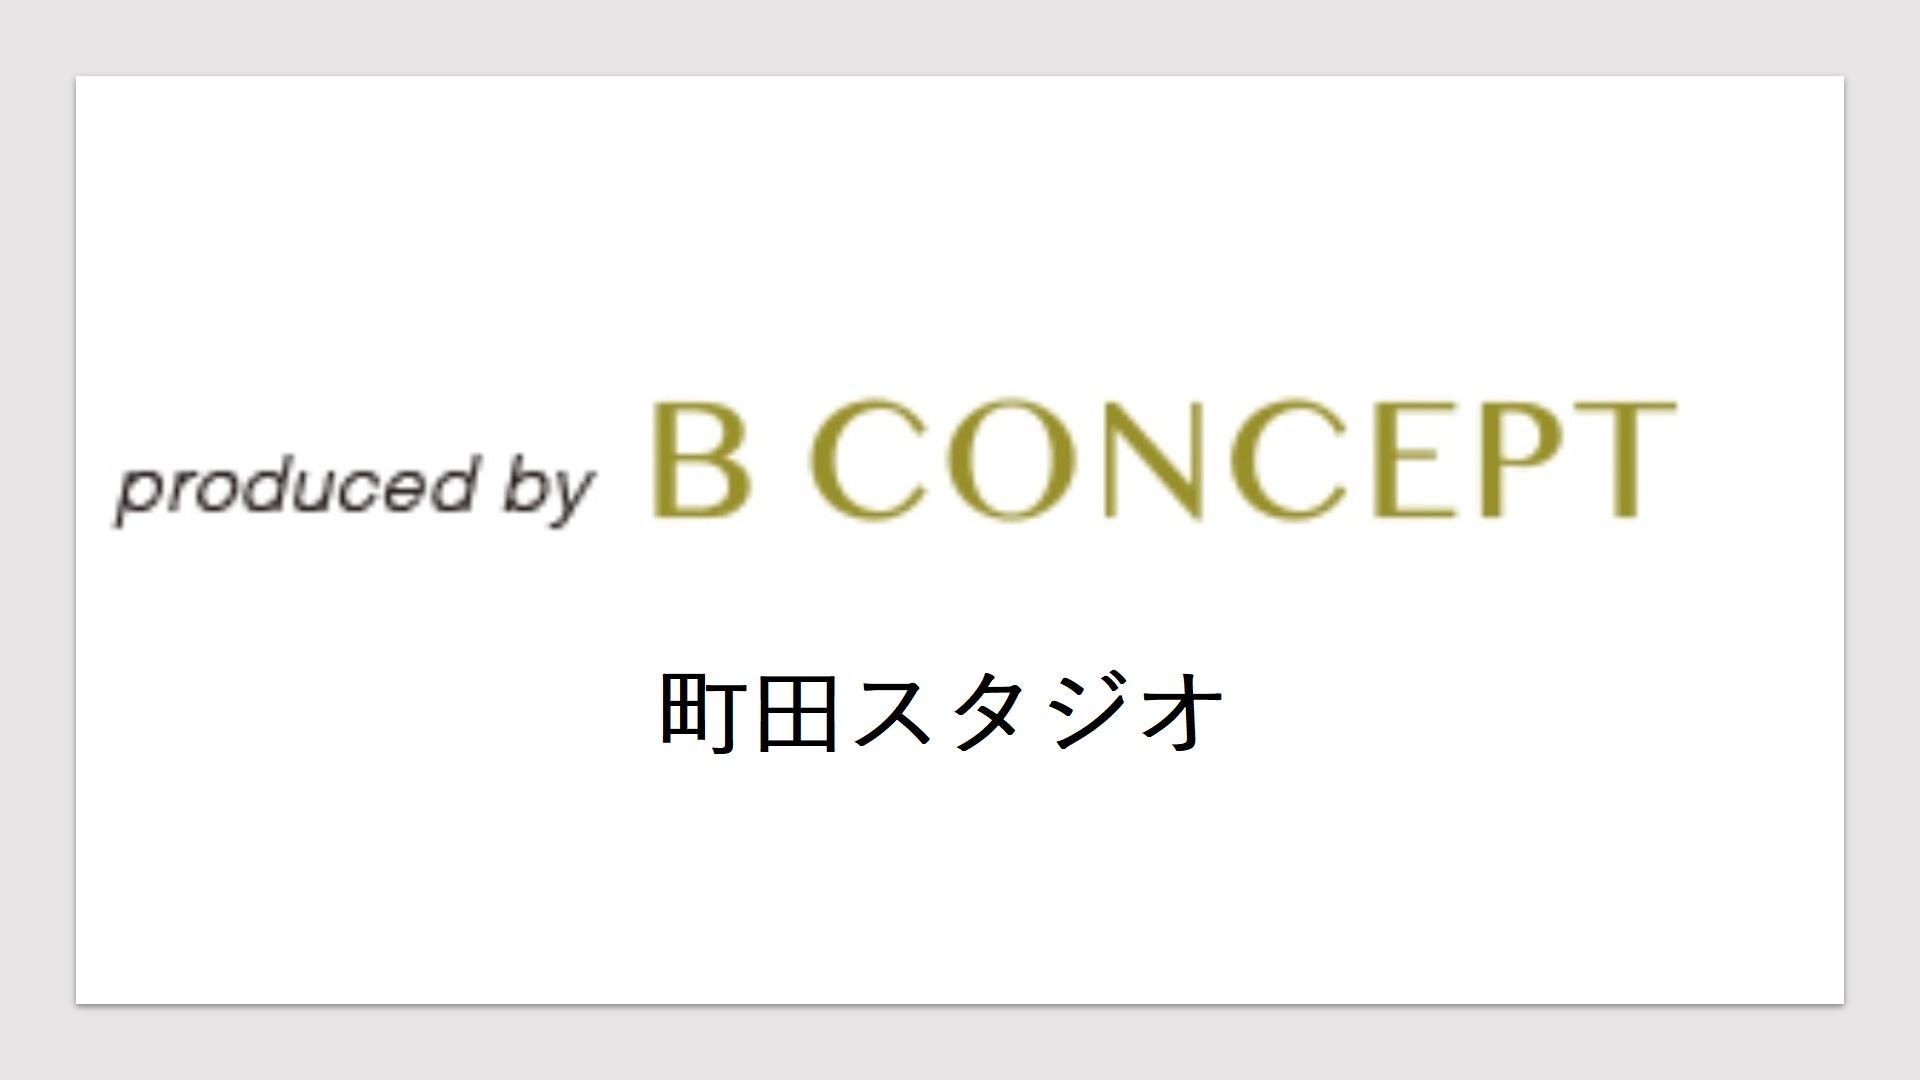 ビーコンセプト(町田スタジオ)